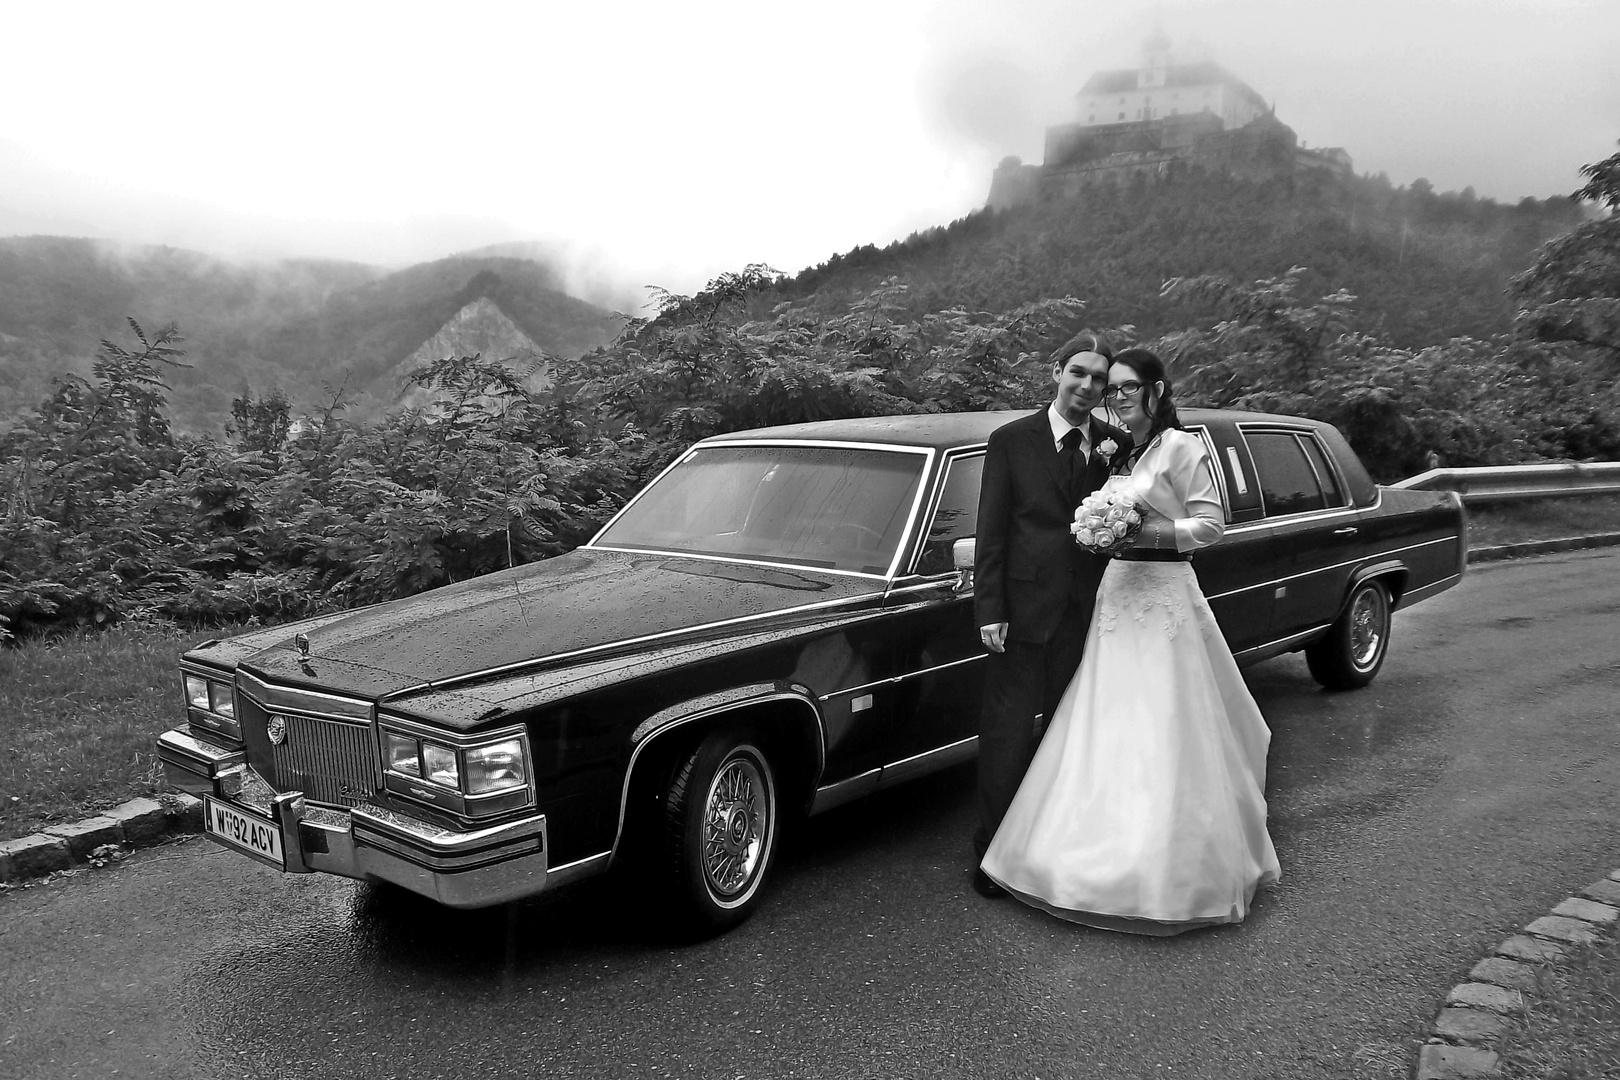 Die Mystik der Hochzeit!